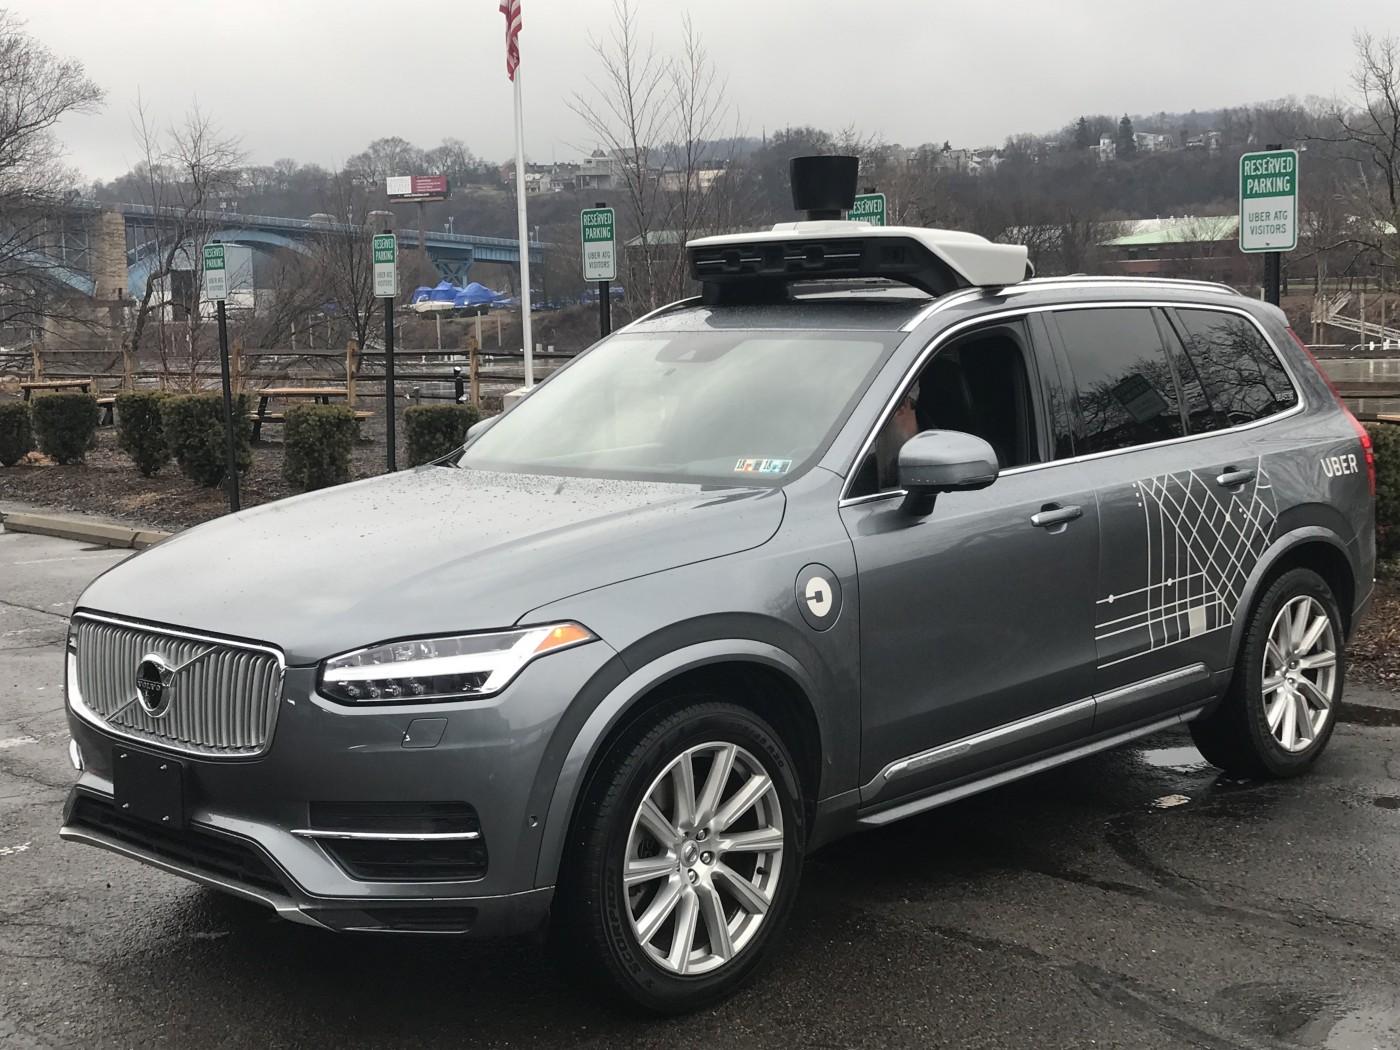 9張圖解密Uber無人車,看他們如何在匹茲堡真實載客